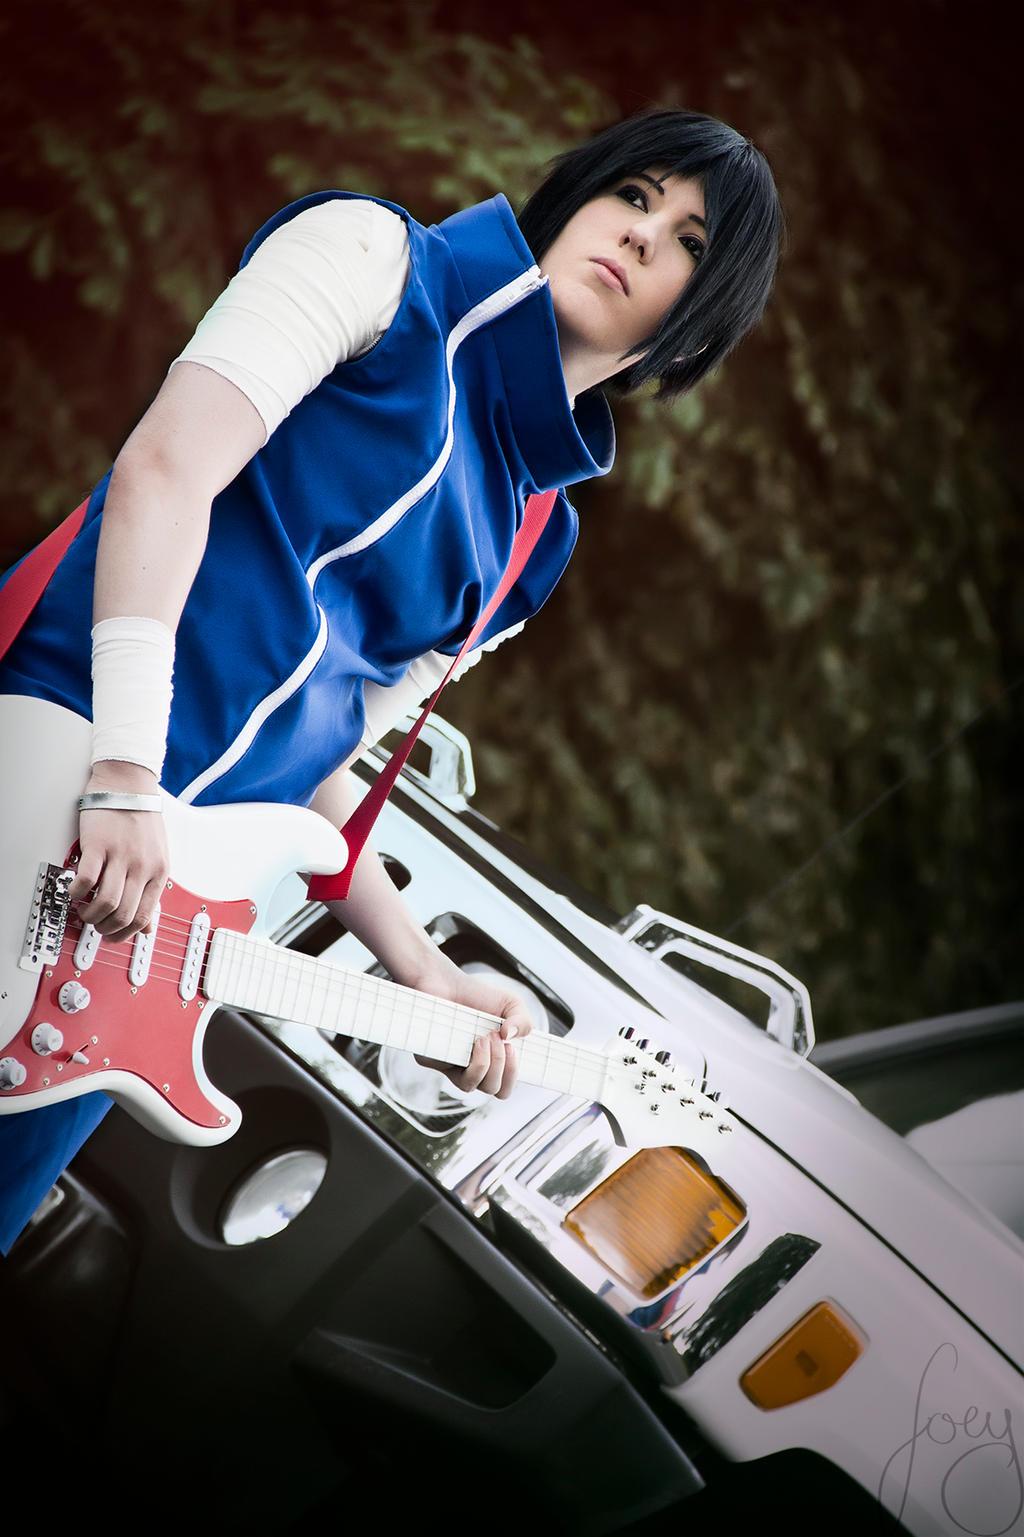 12 - Uchiha Sasuke Rockstar by Dark-Uke